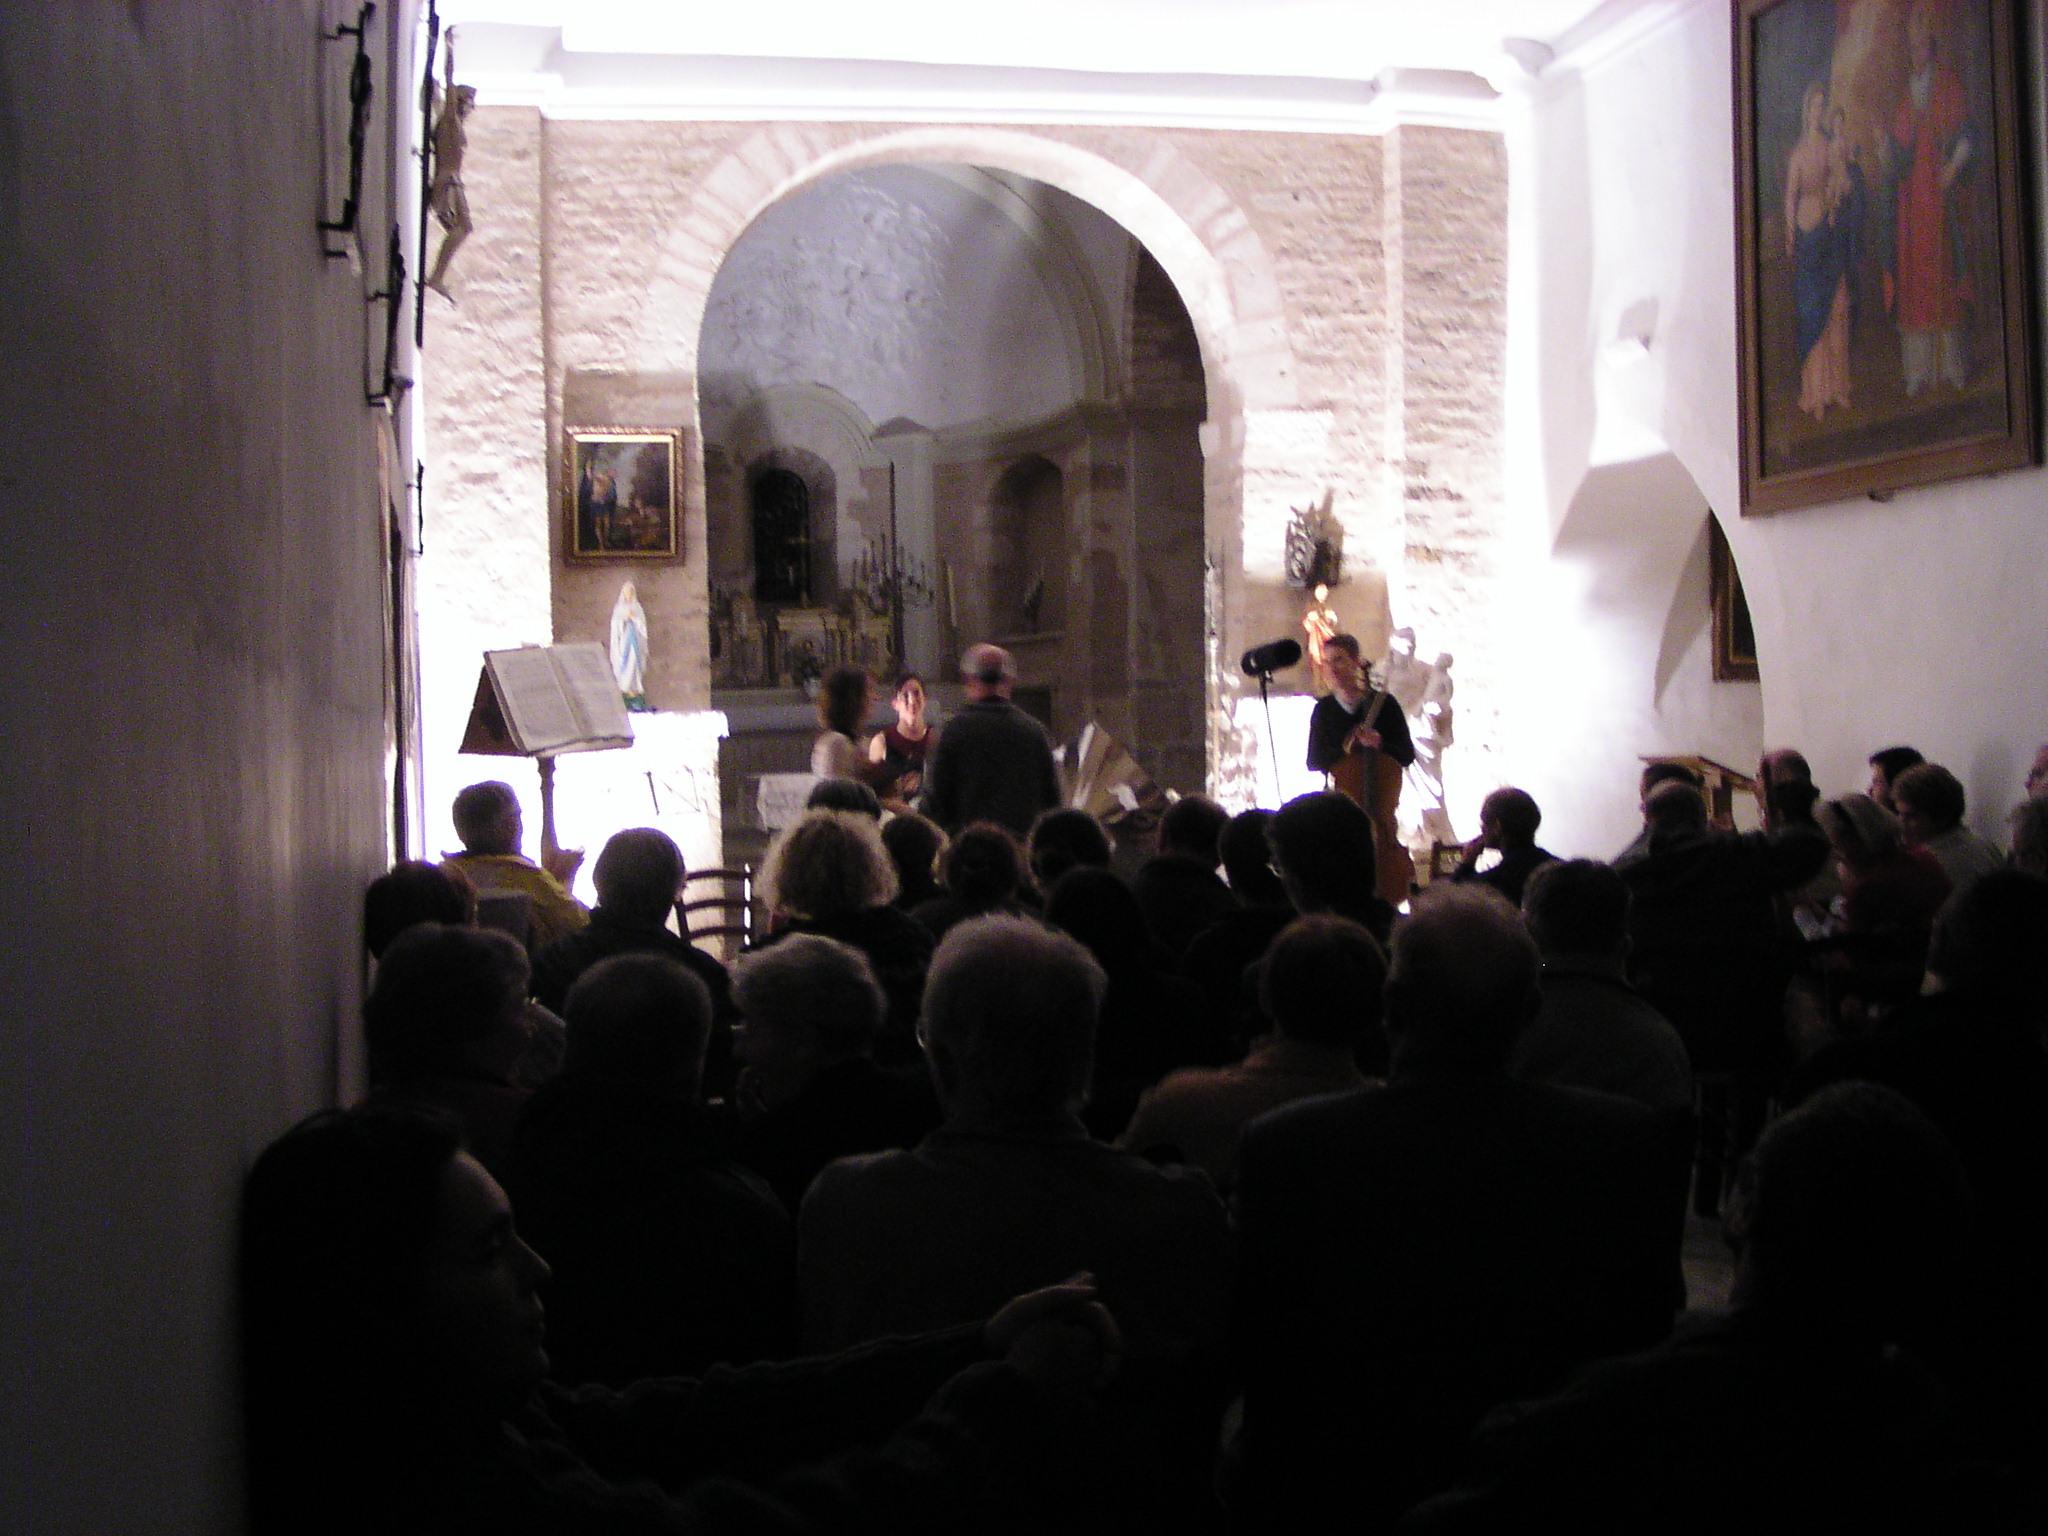 Le premier concert des Utopies dans l'église : le Cristal trio